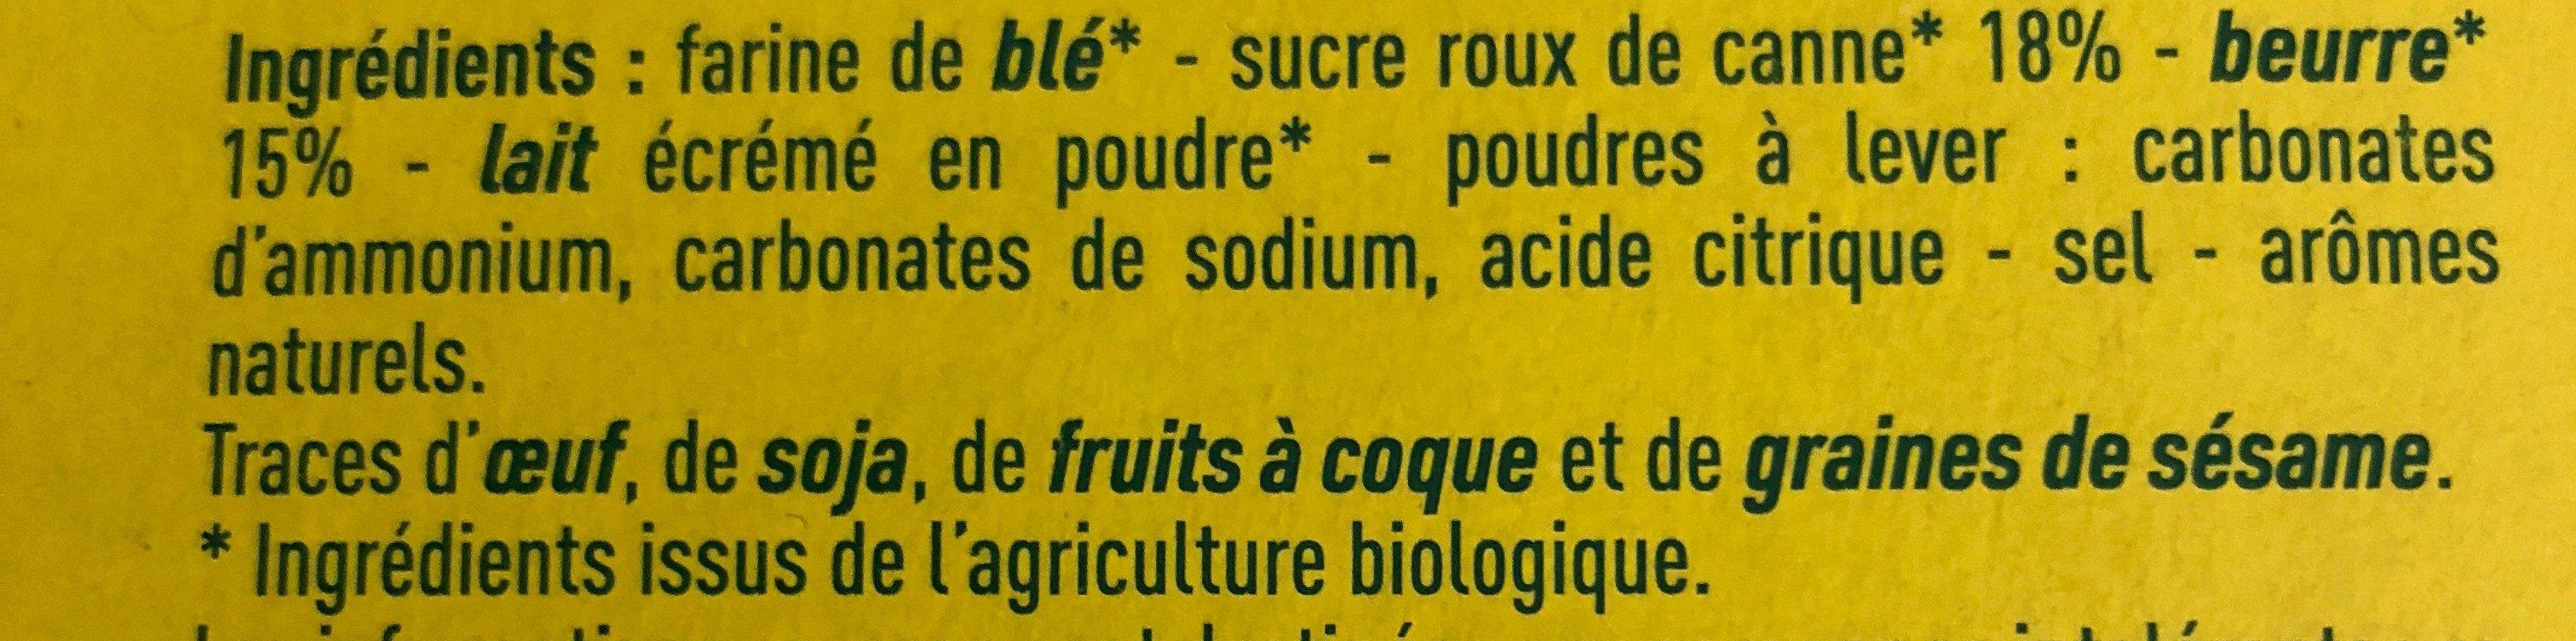 Petit beurre Monoprix bio - Ingrediënten